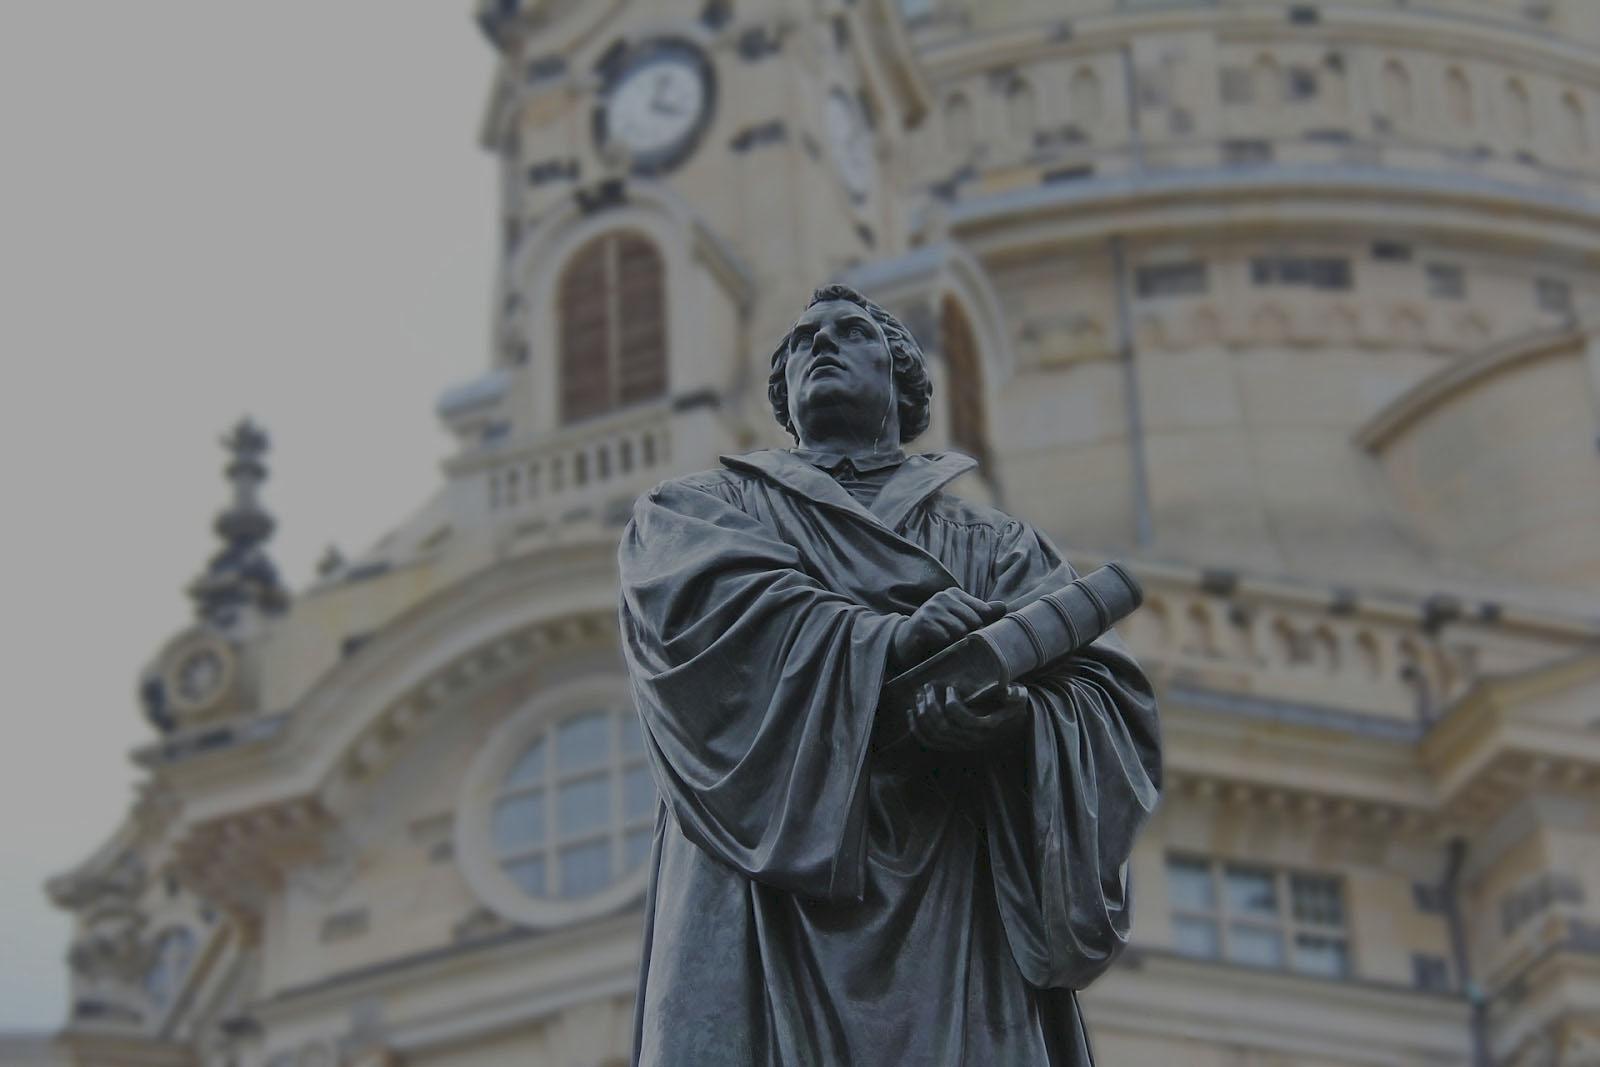 Estatua de Luthero, comemoración para los 500 aniversario de la reforma protestante